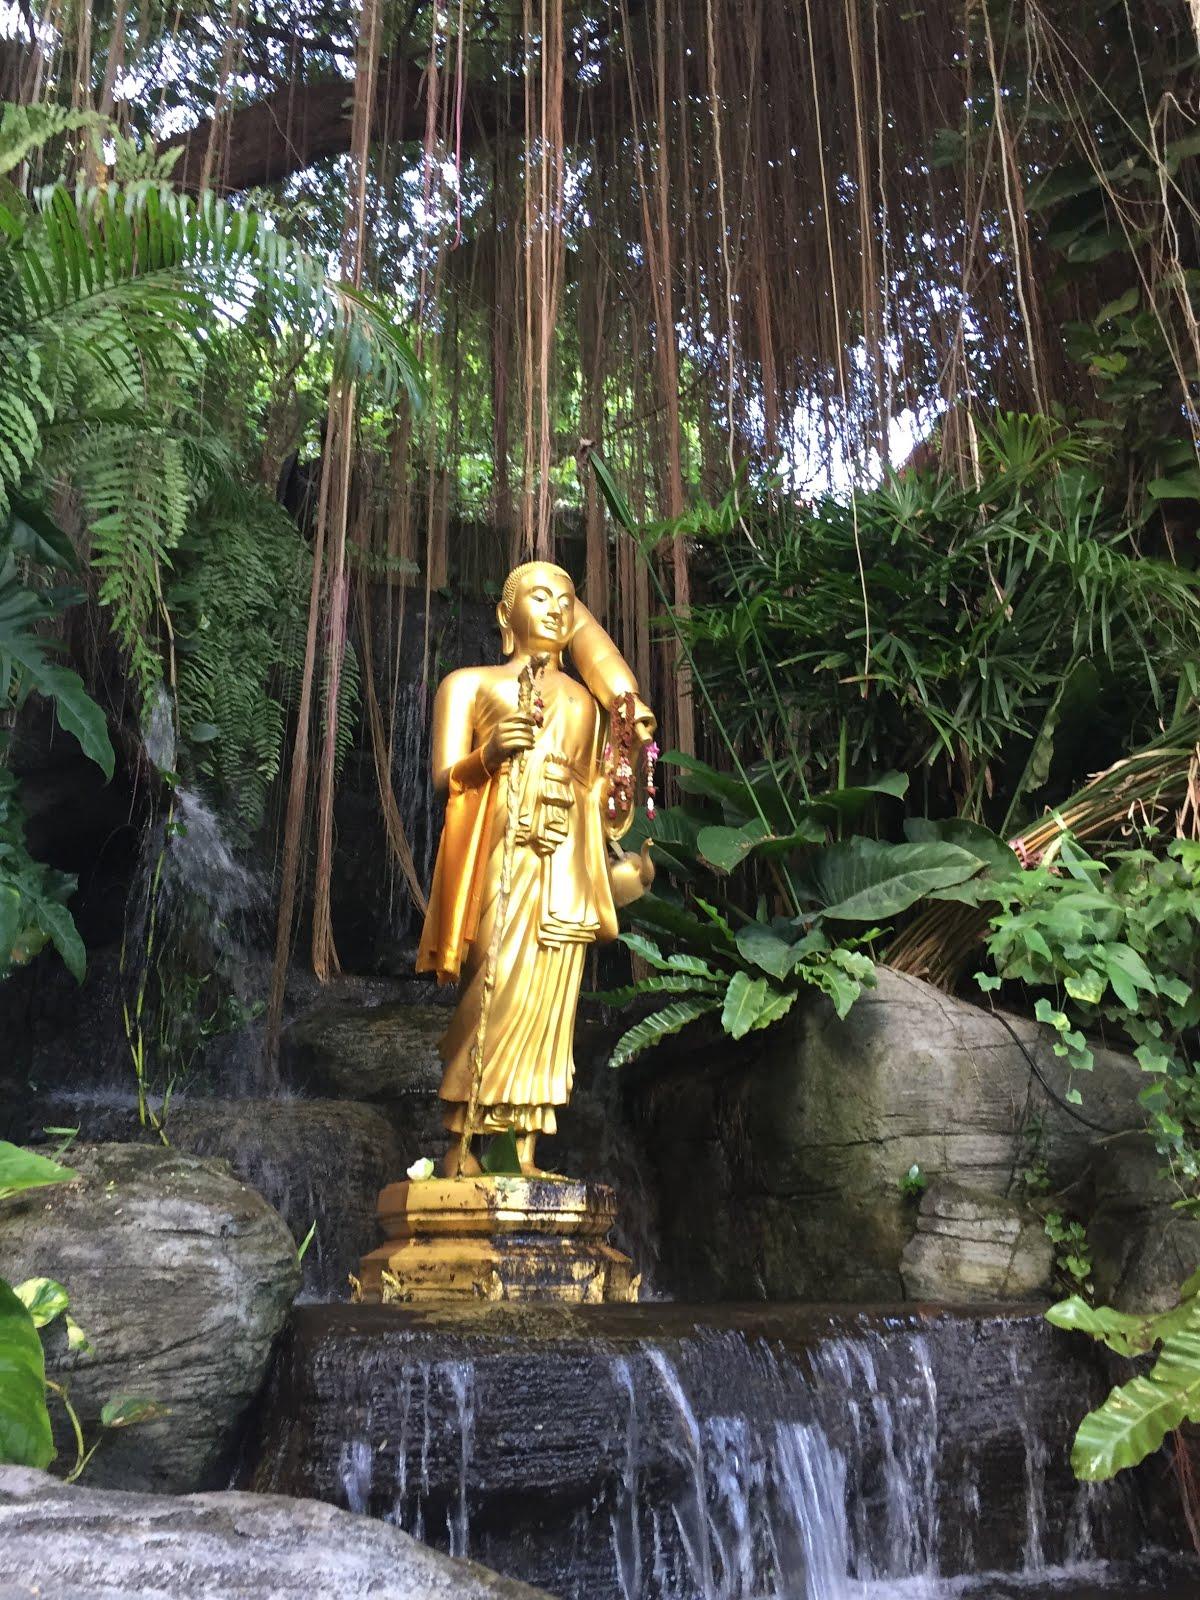 Golden Mountain temple in Bangkok, Thailand